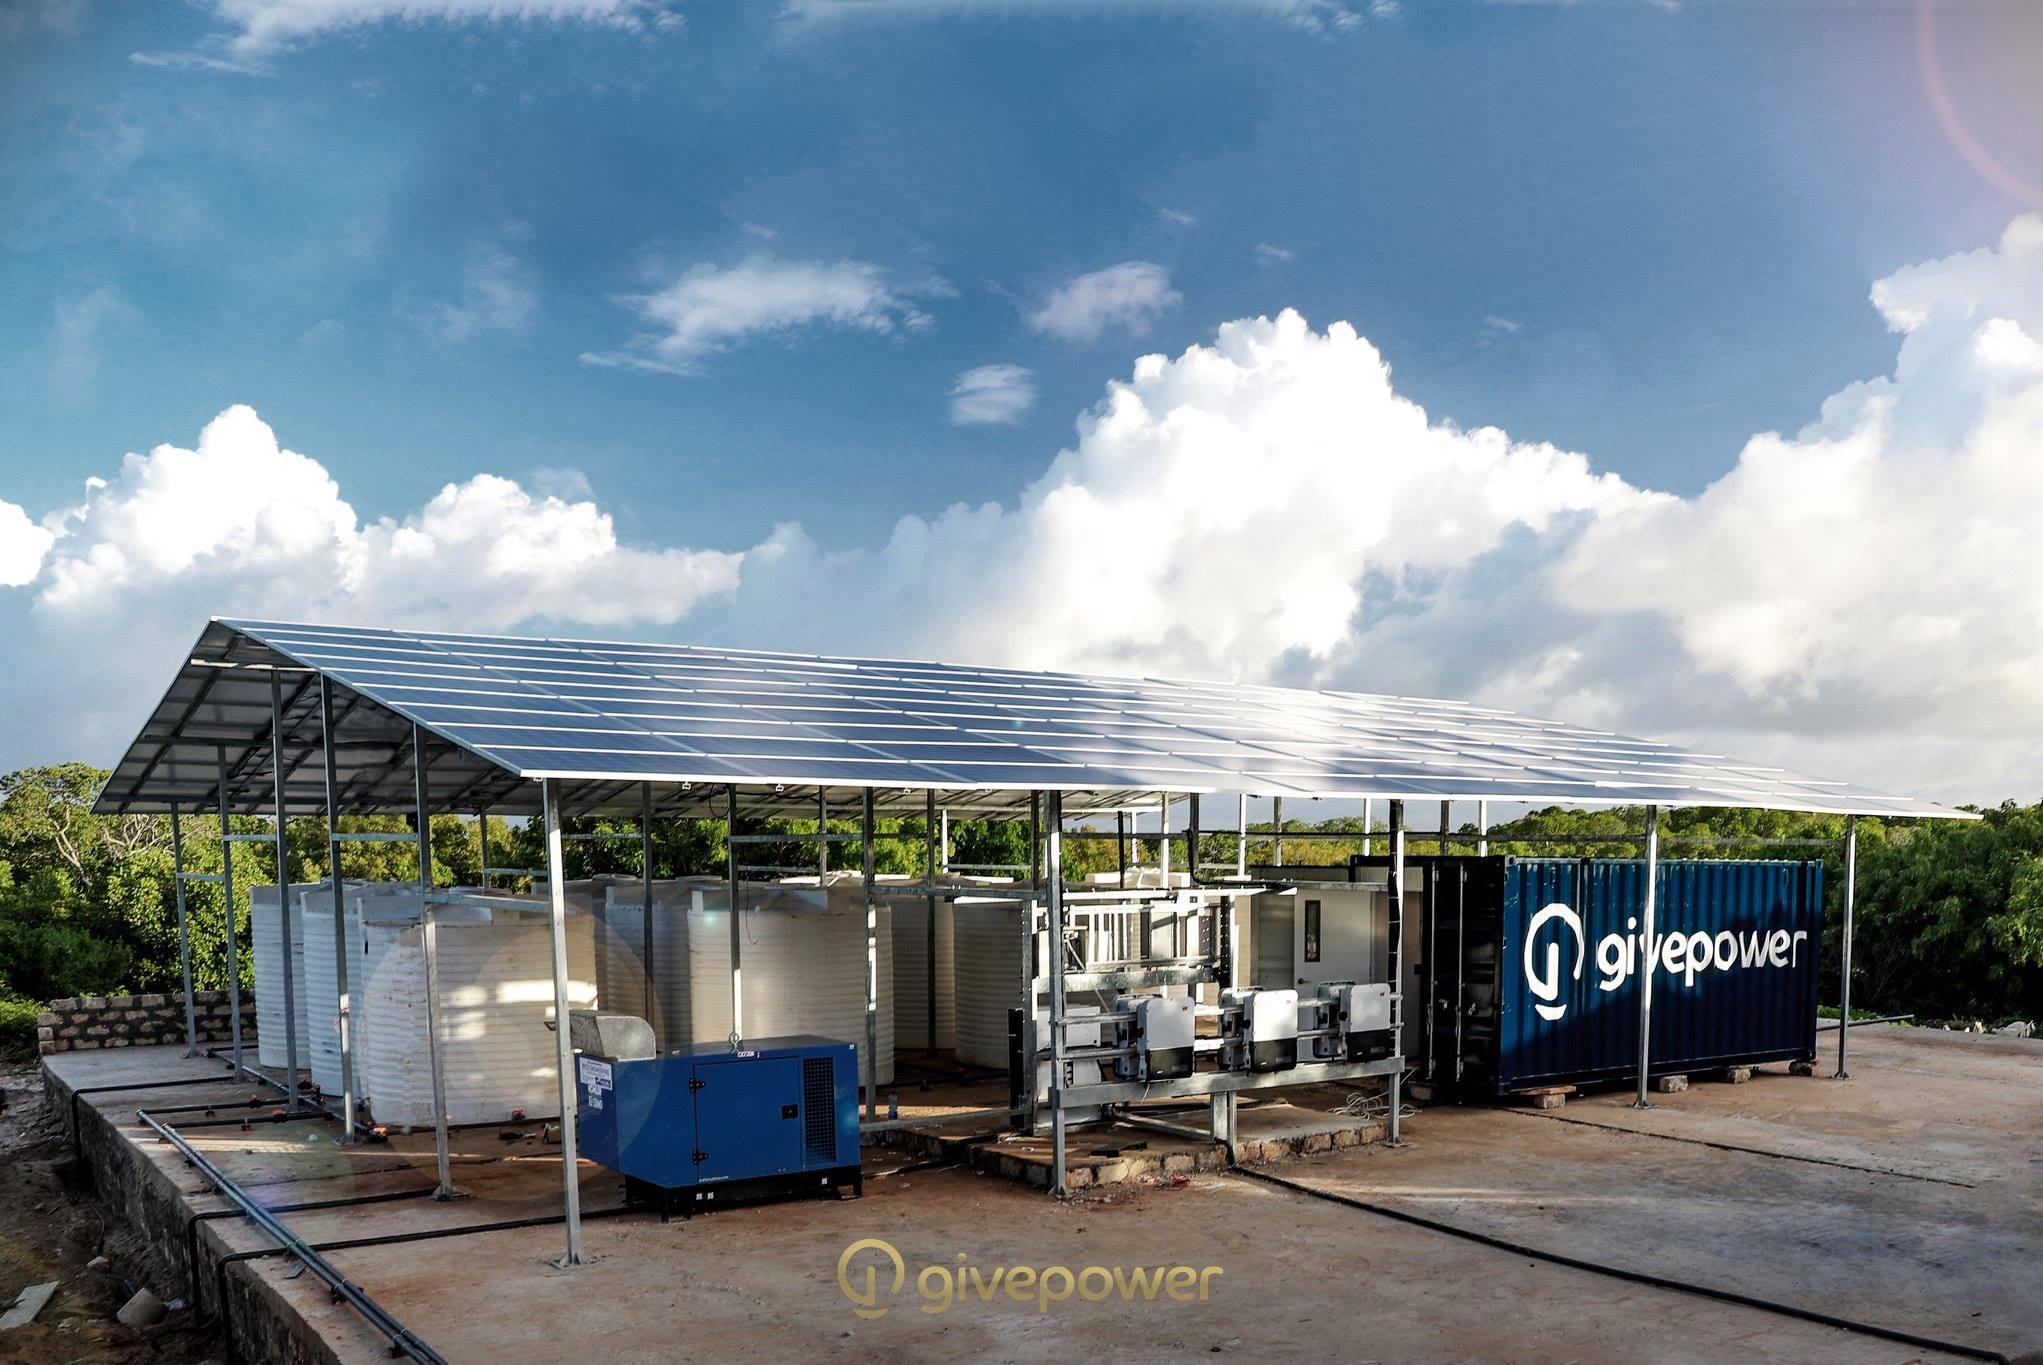 Kenia instala la primera planta de energía solar que transforma agua salada en agua potable y abastece a 25.000 personas